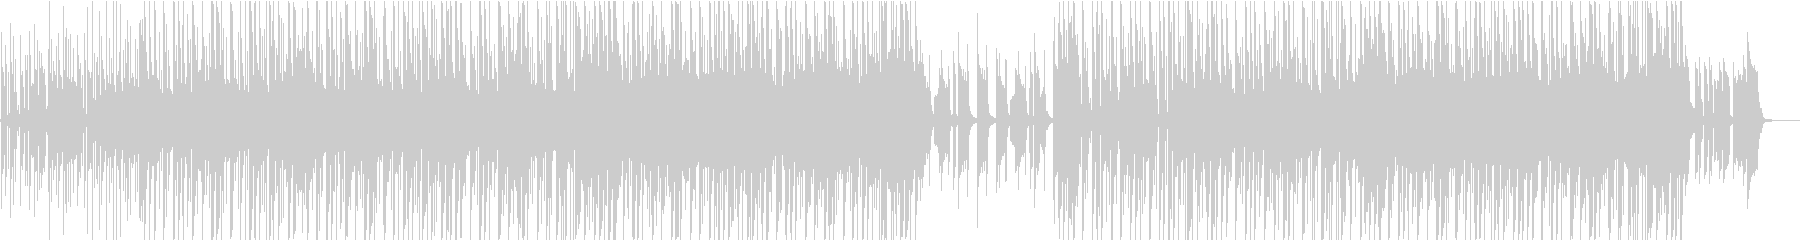 タイムラプス映像向けヒップホップの未再生の波形